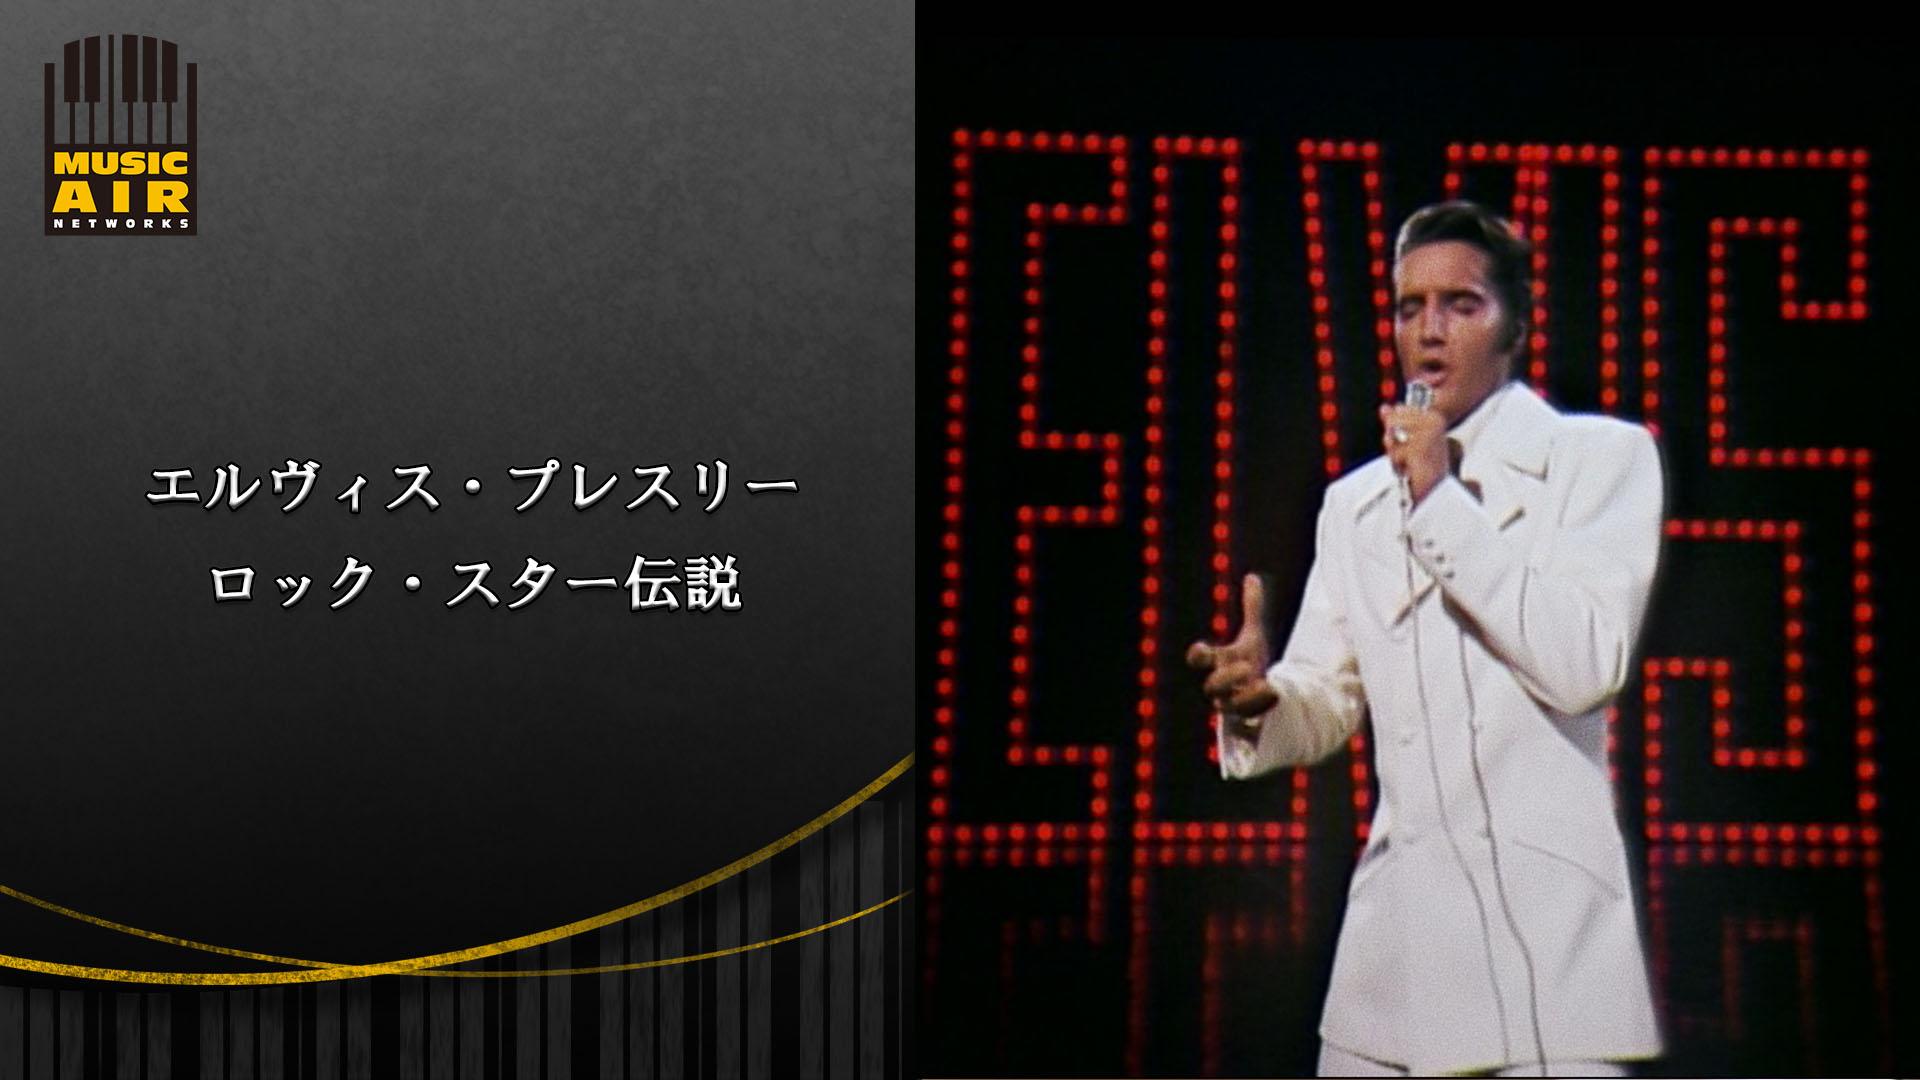 エルヴィス・プレスリー:ロック・スター伝説 (ミュージック・エア)